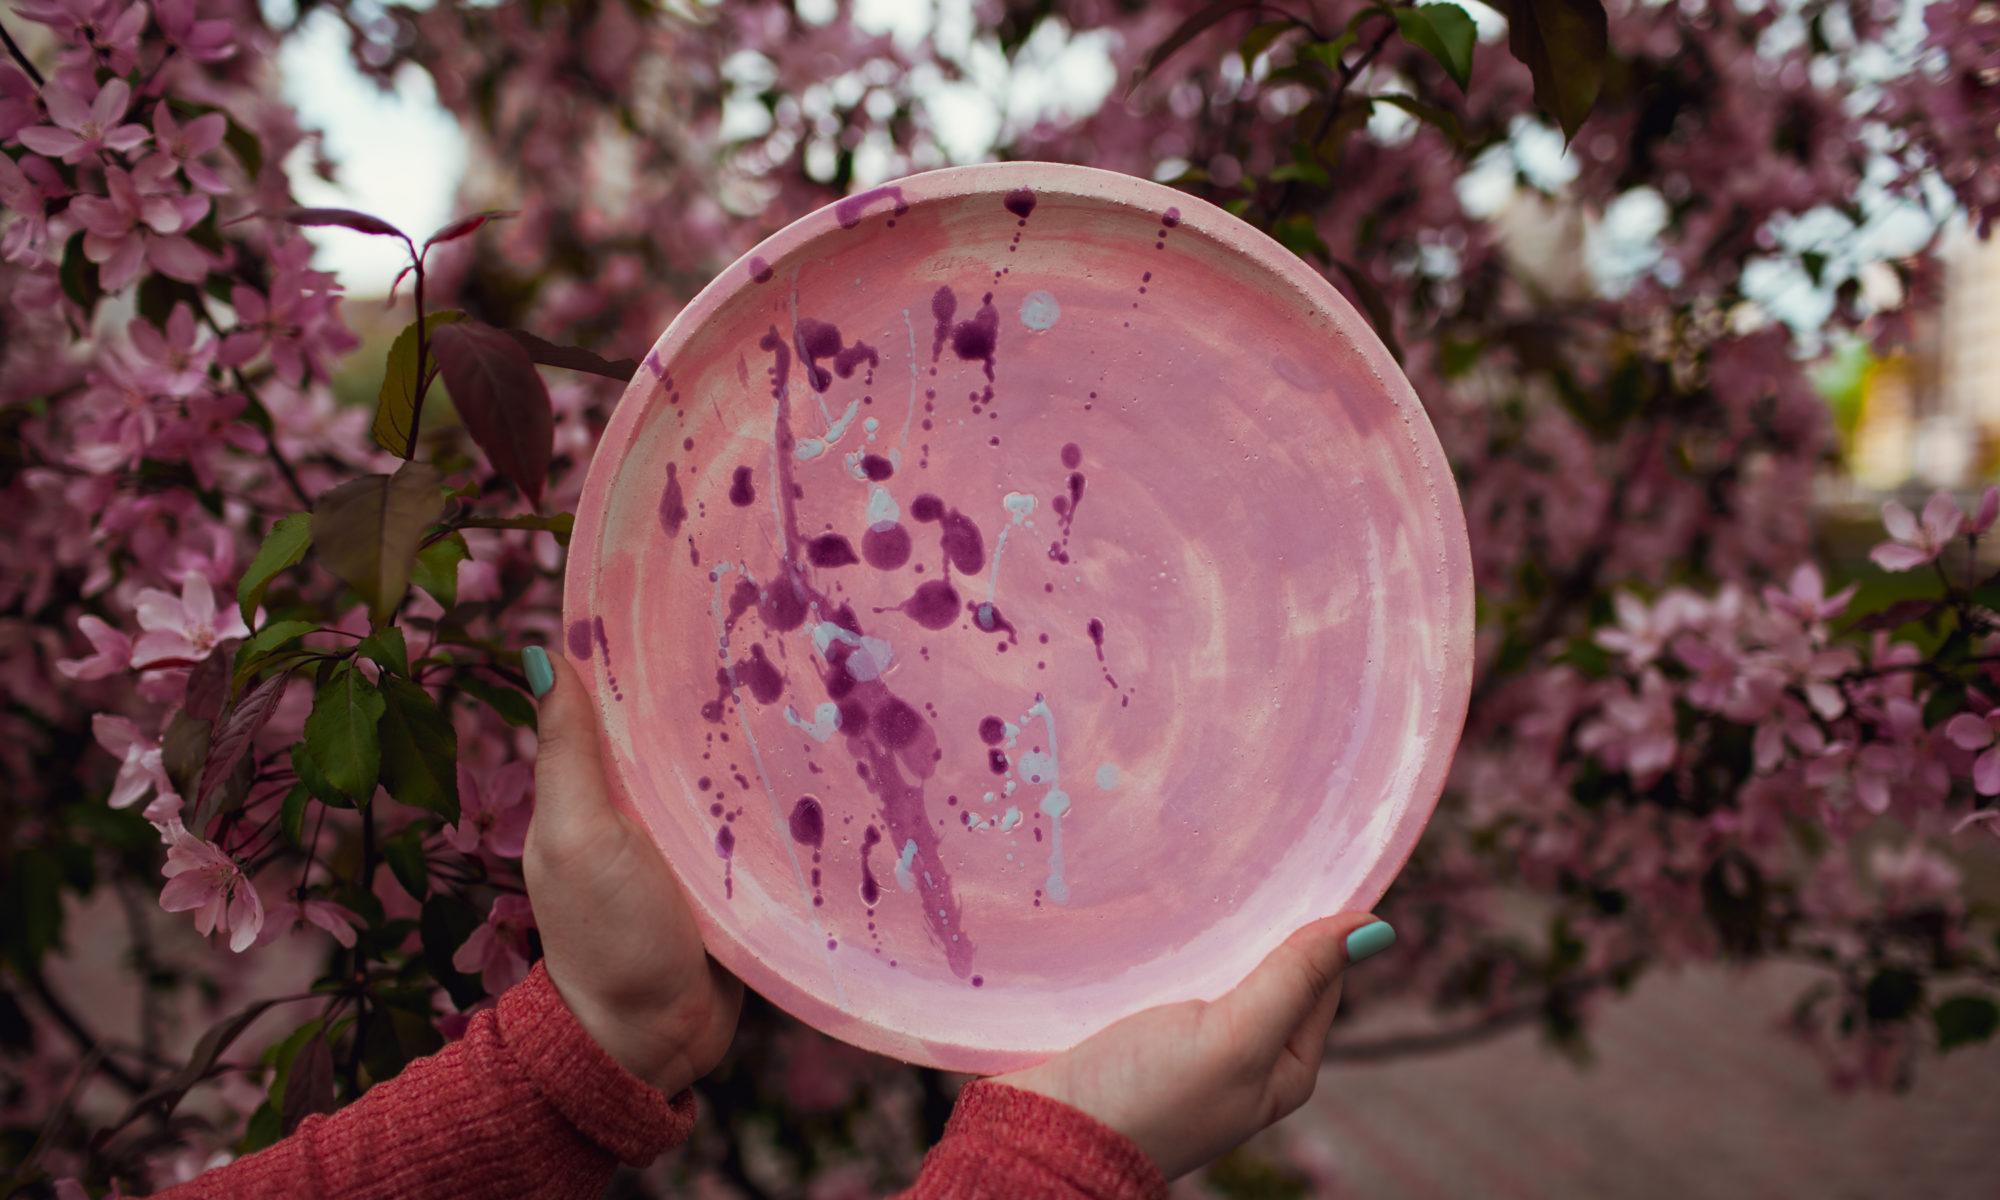 тарелка розовая с каплями большая